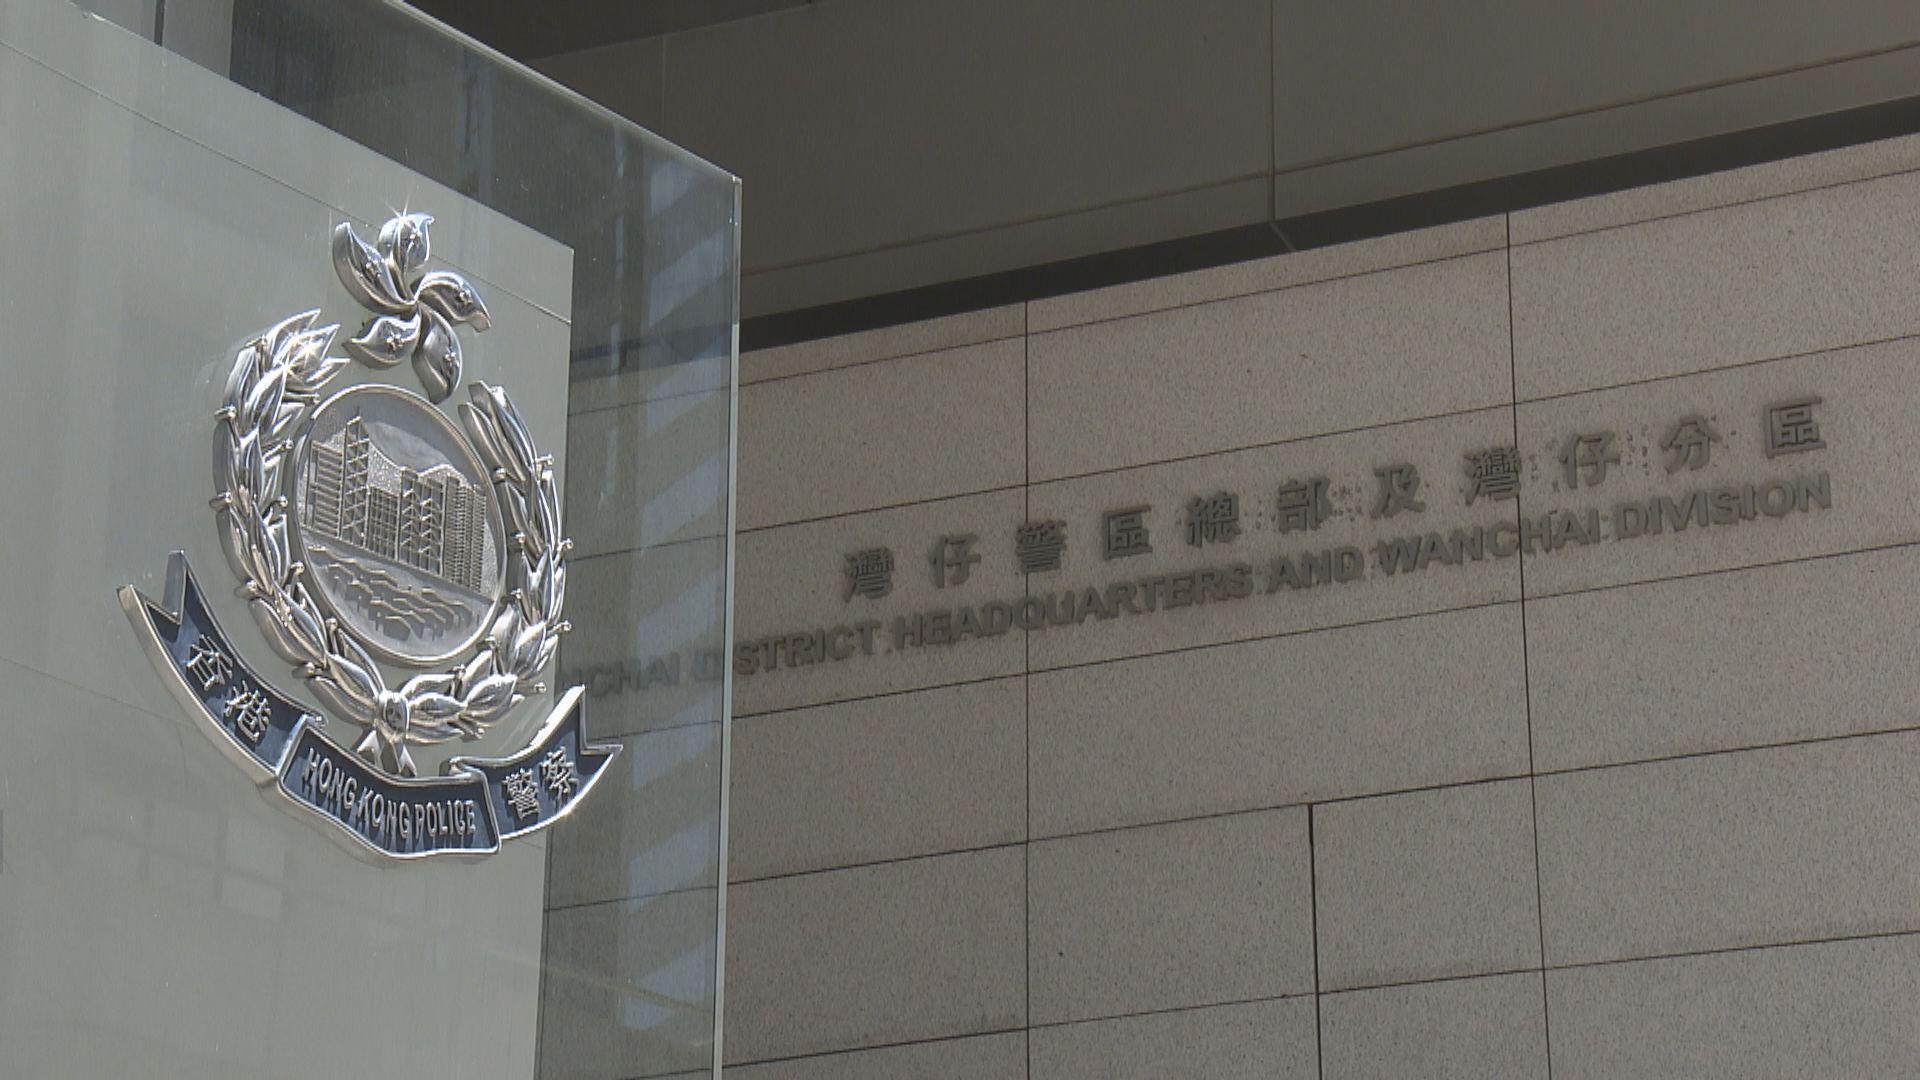 西九龍衝鋒隊警員執勤時遺失隨身攝錄機